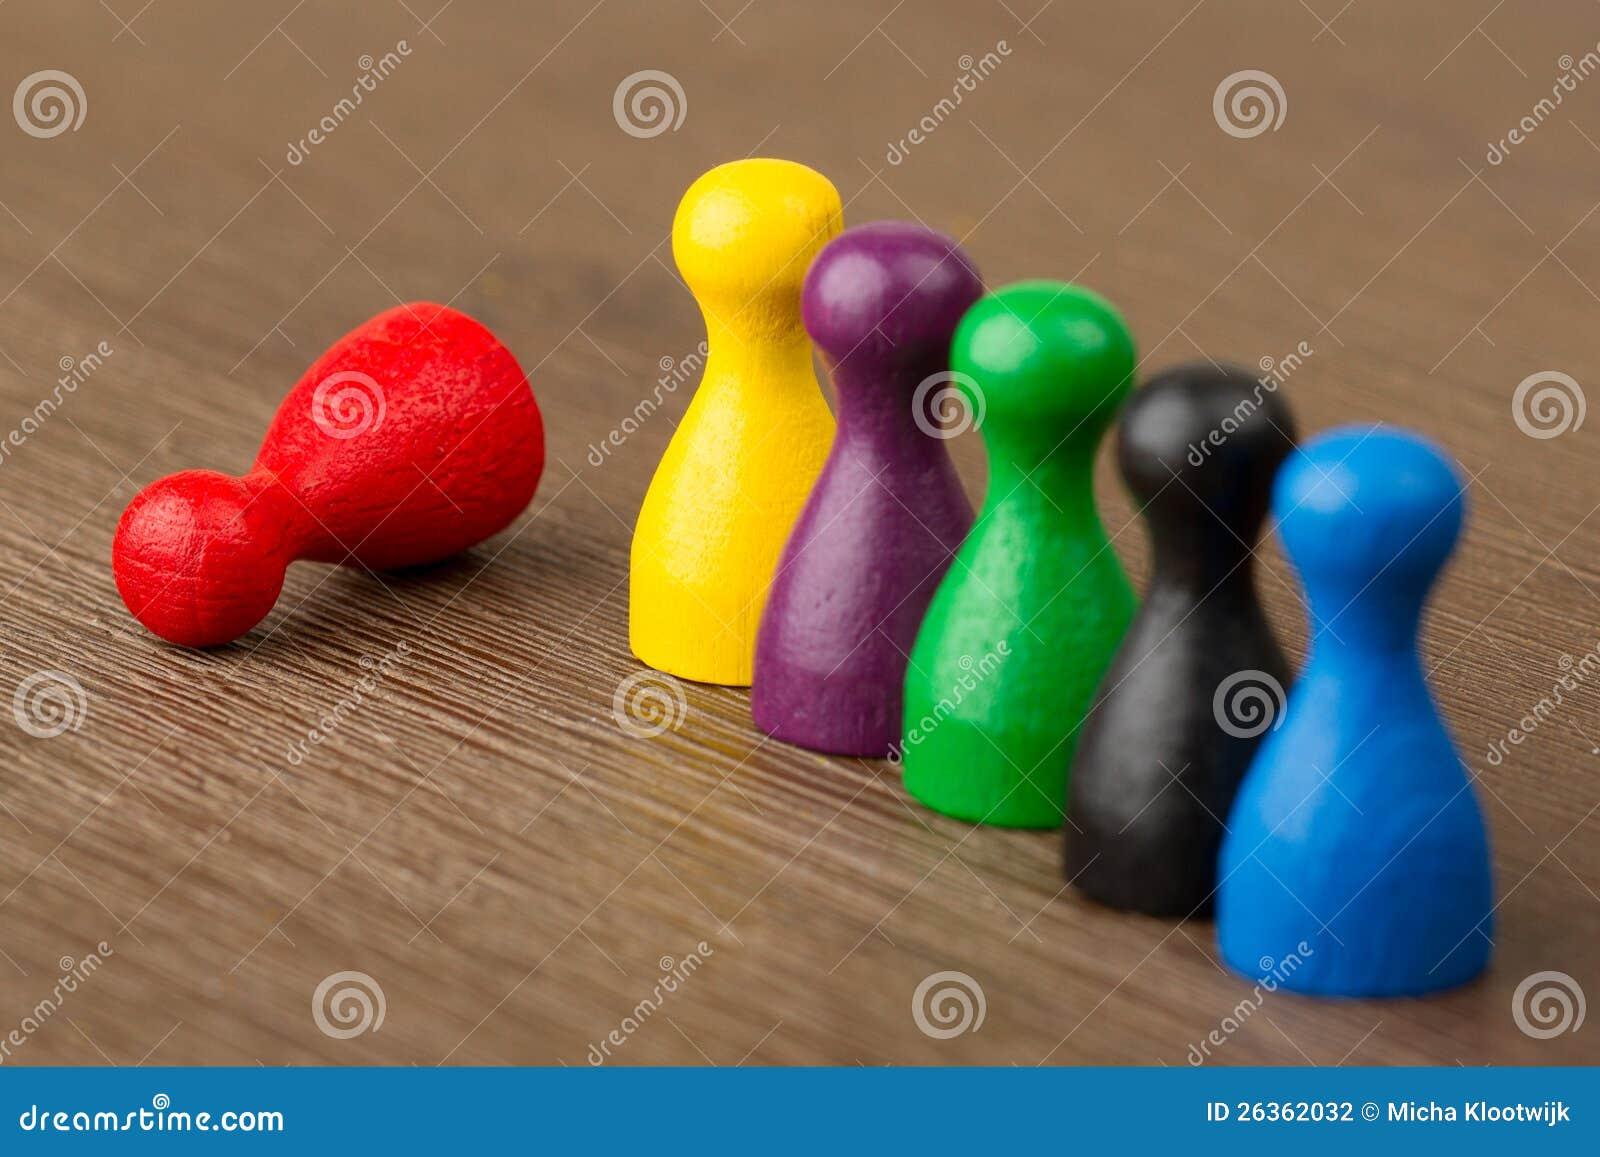 Sechs färbten Pfandgegenstände getrennt